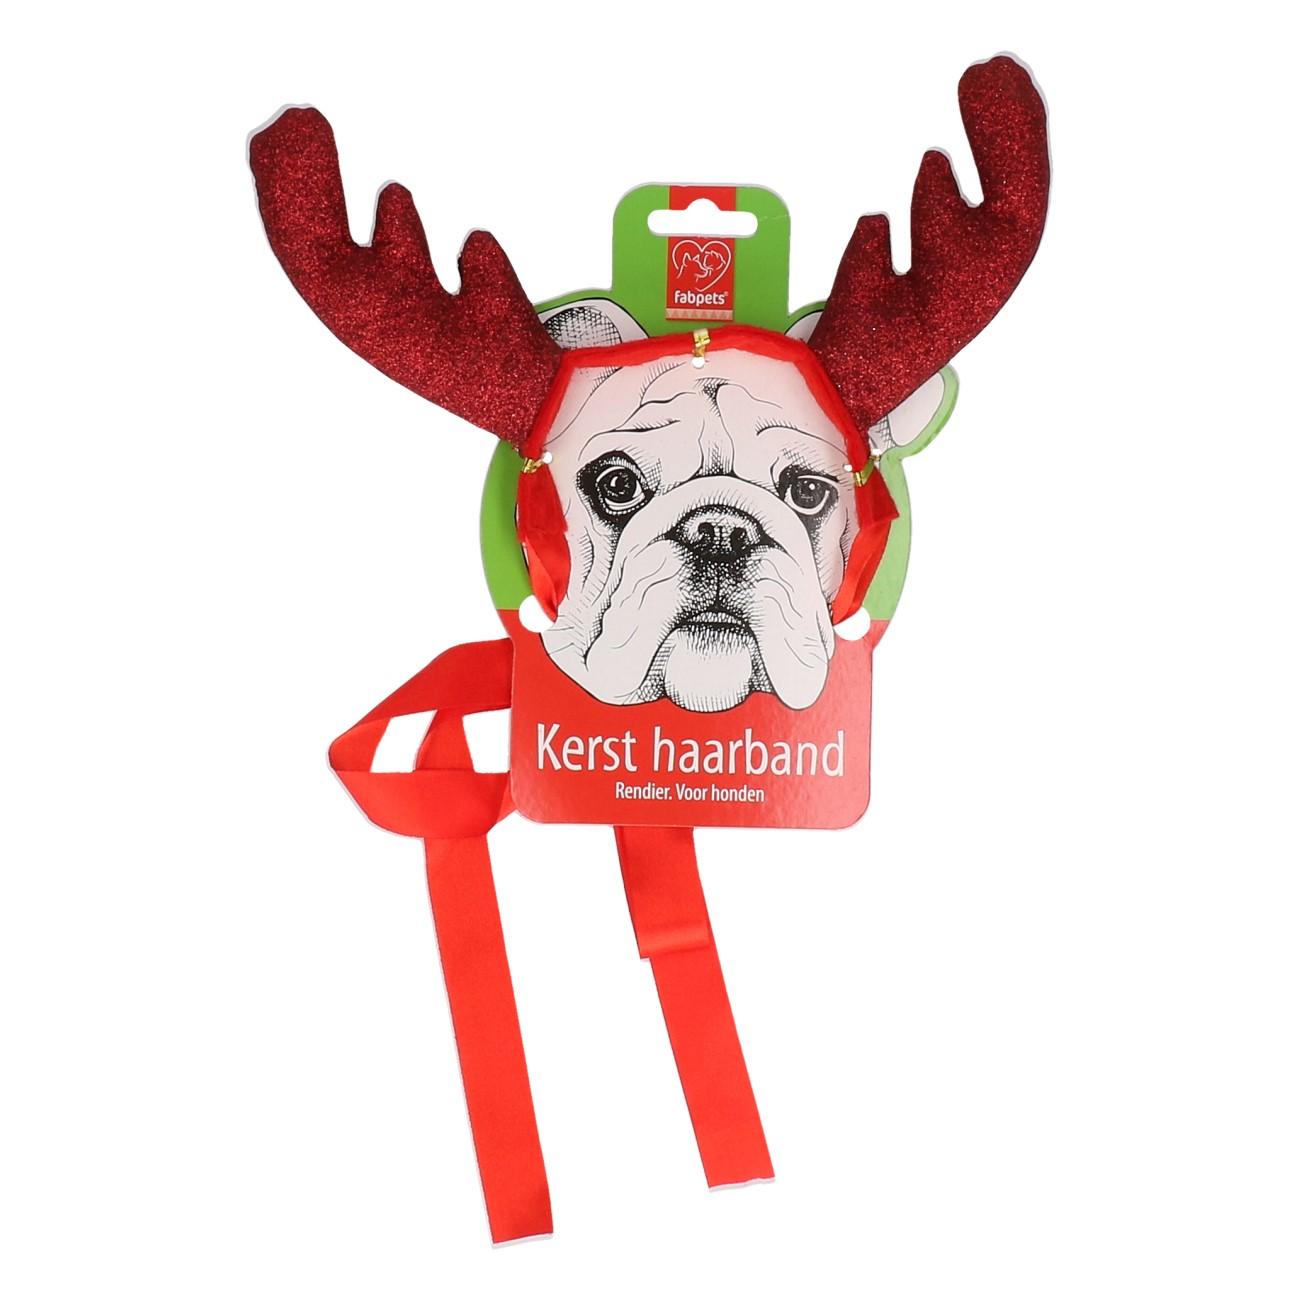 Kerst haarband voor honden